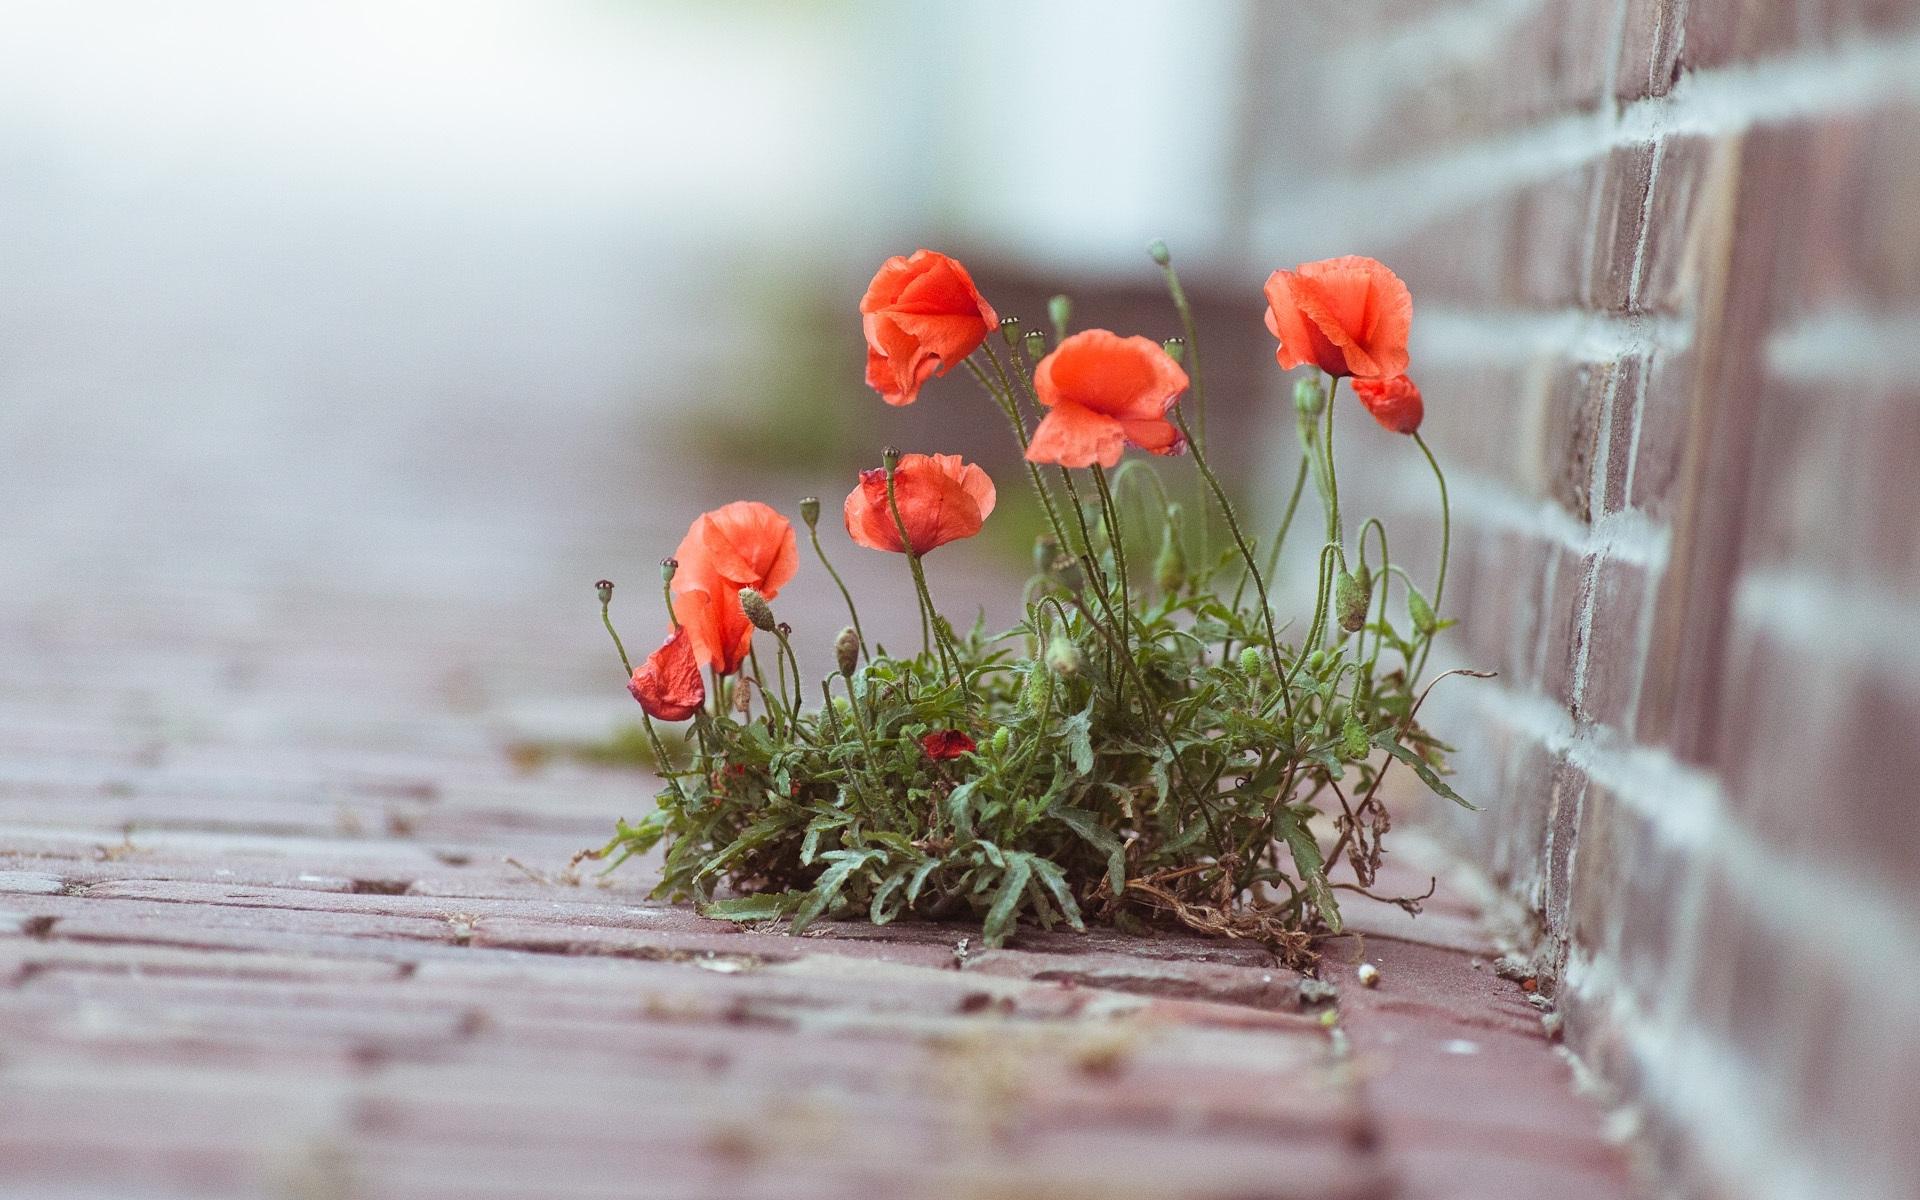 48648 скачать обои Растения, Цветы, Маки - заставки и картинки бесплатно